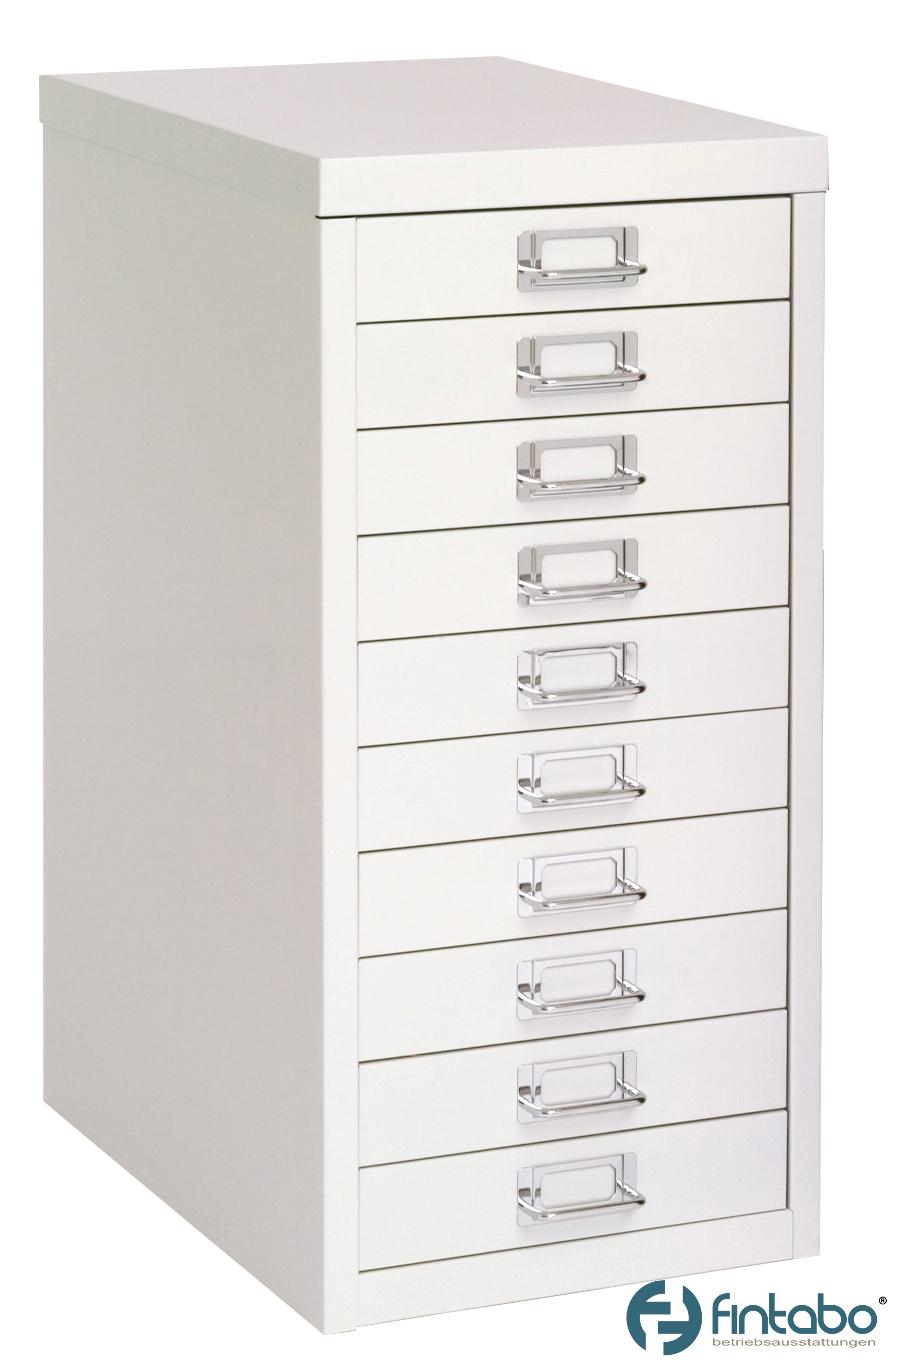 Schubladenschrank DIN A4 mit 10 Schubladen | Fintabo.de